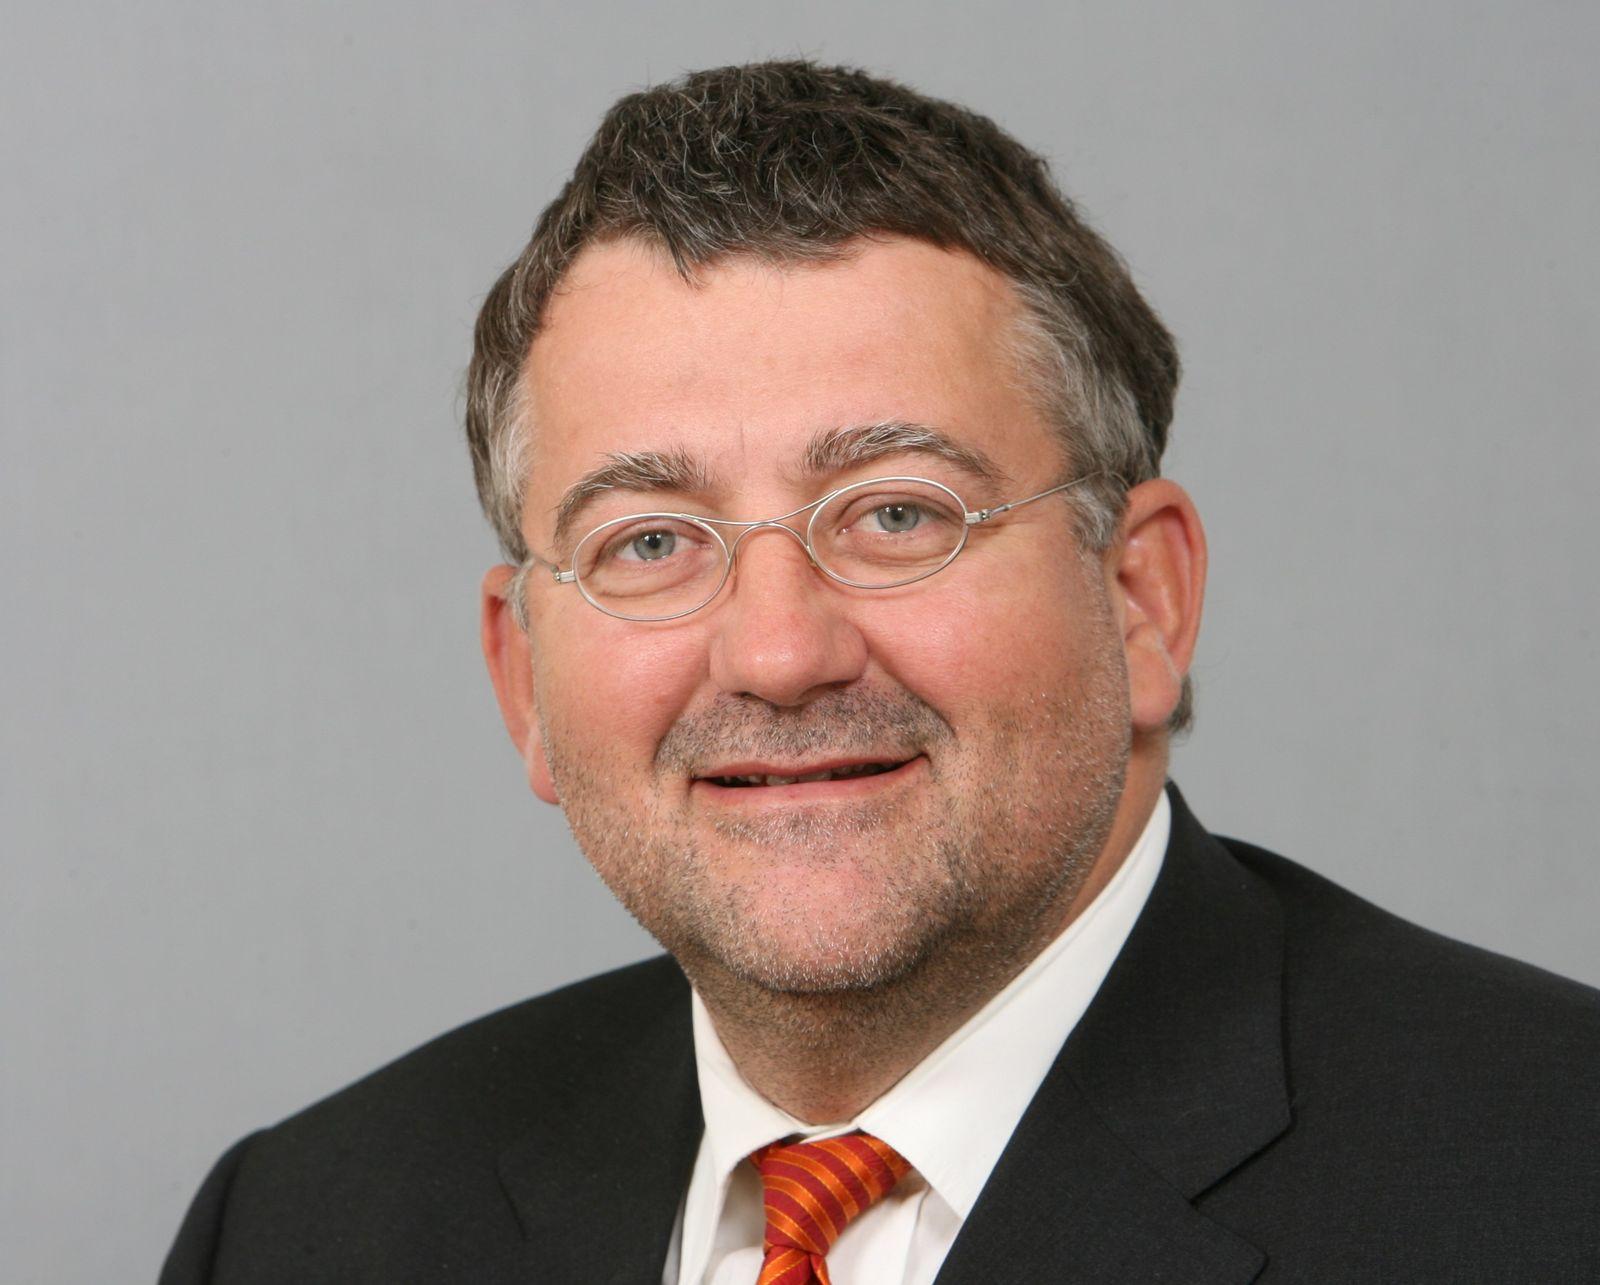 Rainer Speer